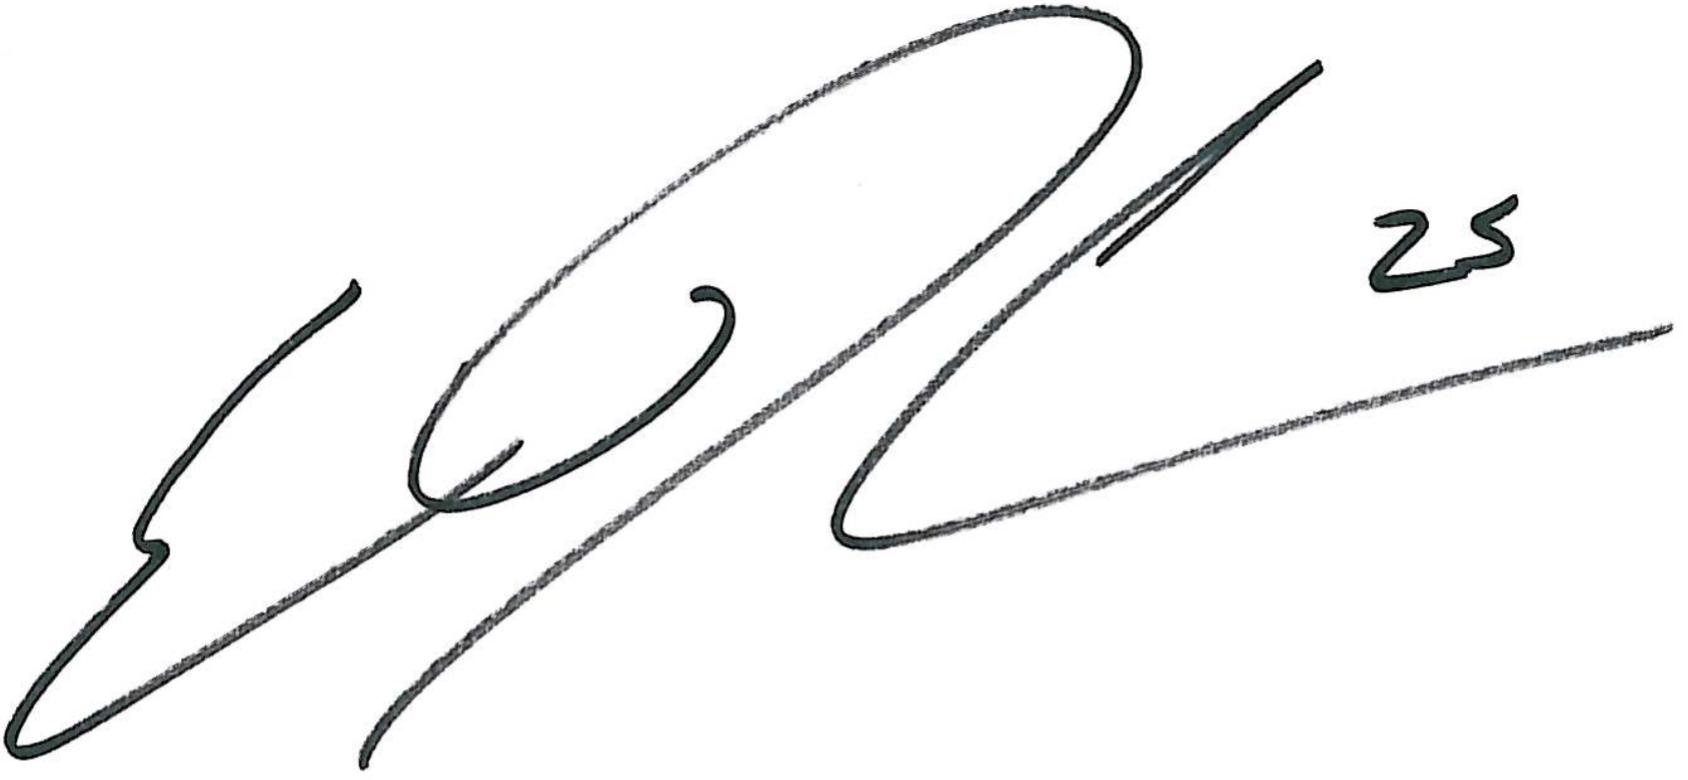 Erik Dahlin, signatur